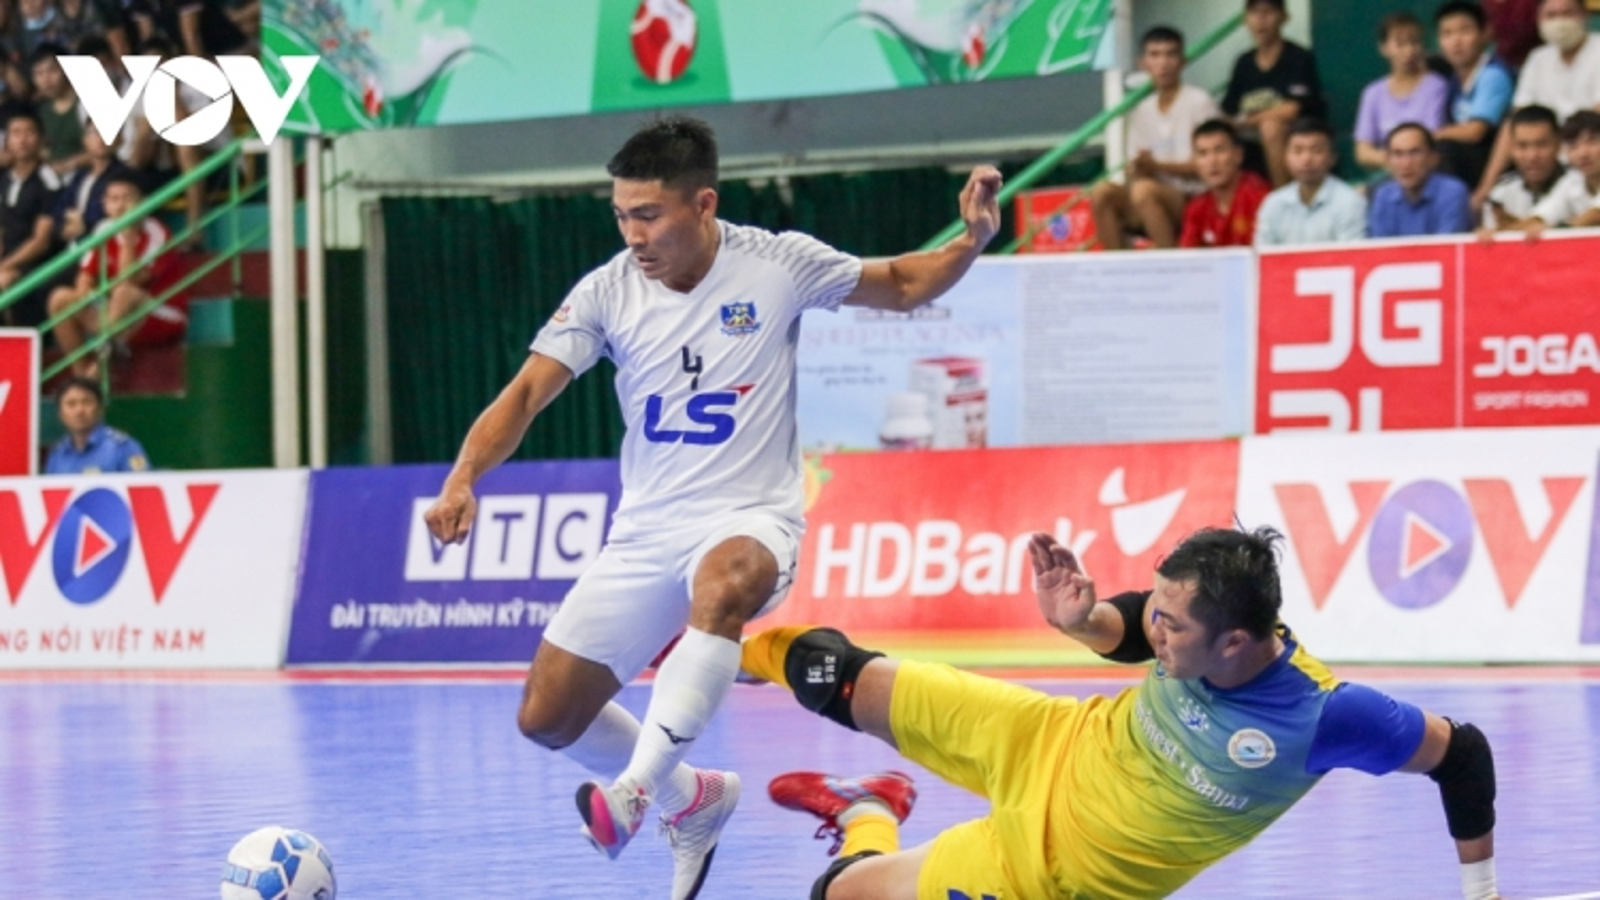 Xem trực tiếp Futsal HDBank VĐQG 2020: Sanatech Khánh Hòa - Thái Sơn Nam